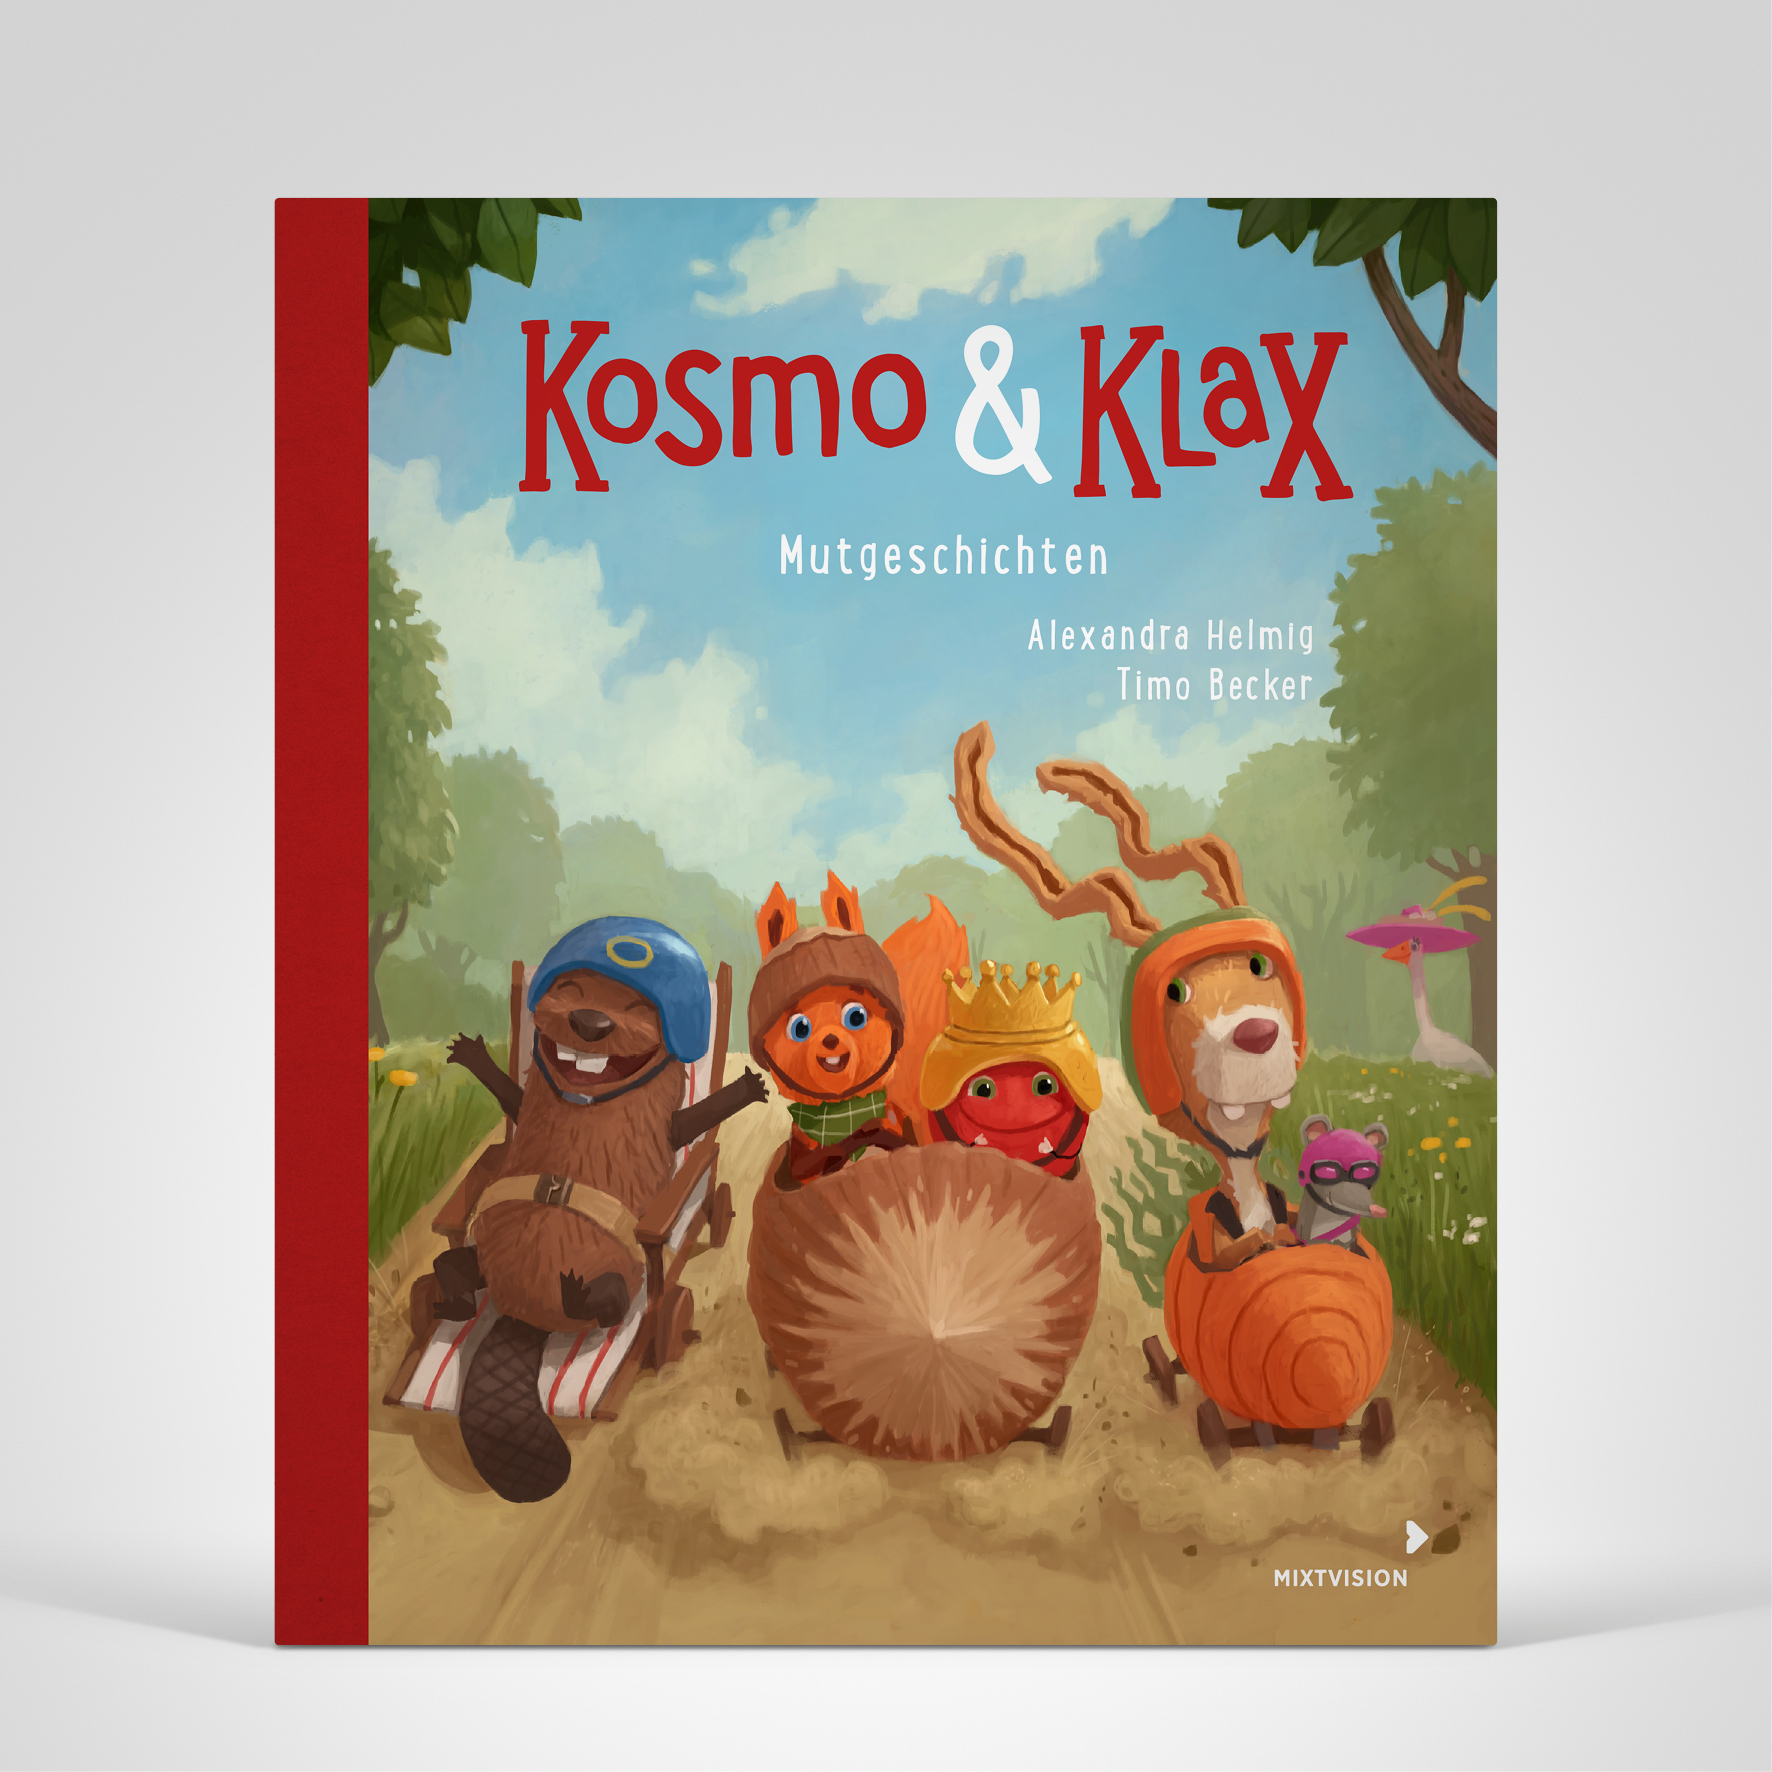 Kosmo und Klax Mutgeschichten, Titelbild